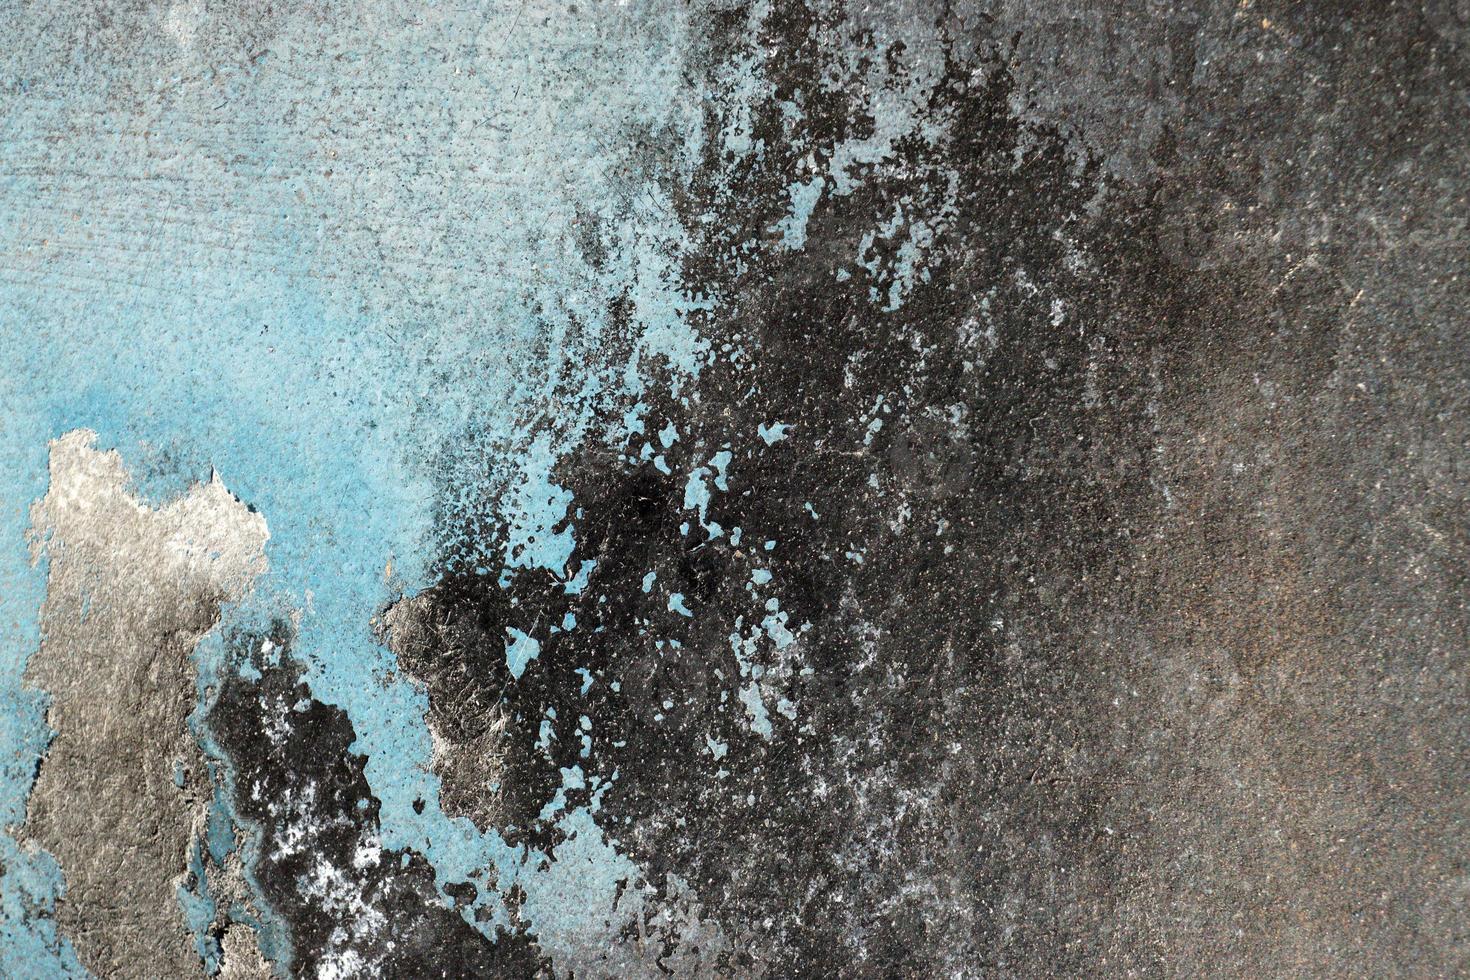 heisere, zerkratzte und geschälte Oberfläche mit blauer und schwarzer Farbe foto